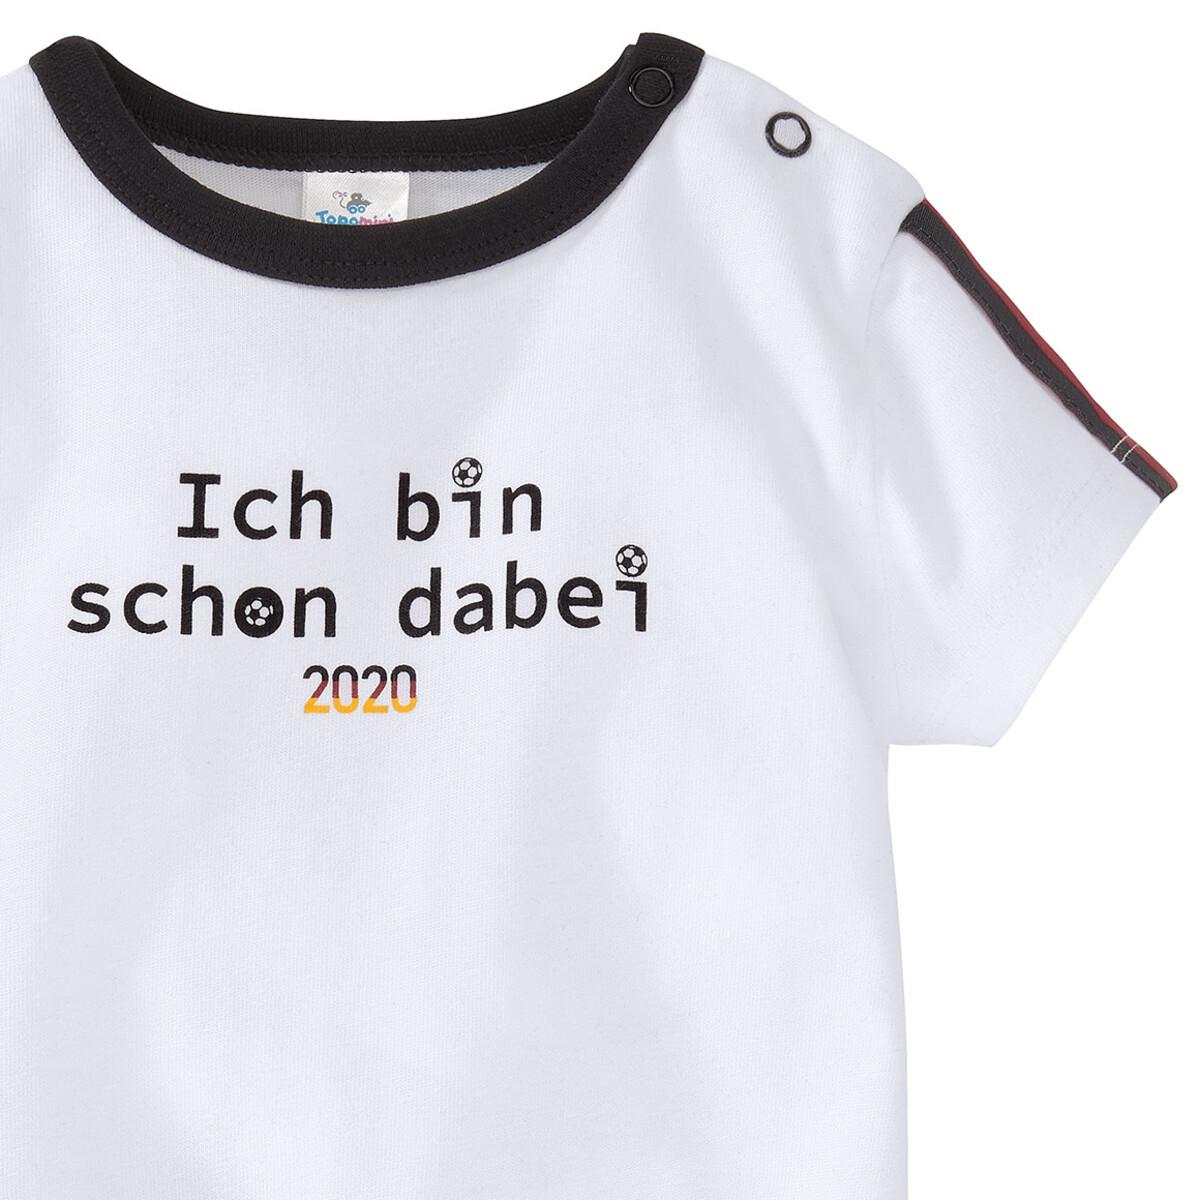 Bild 2 von Baby Spieler mit EM-Motiv